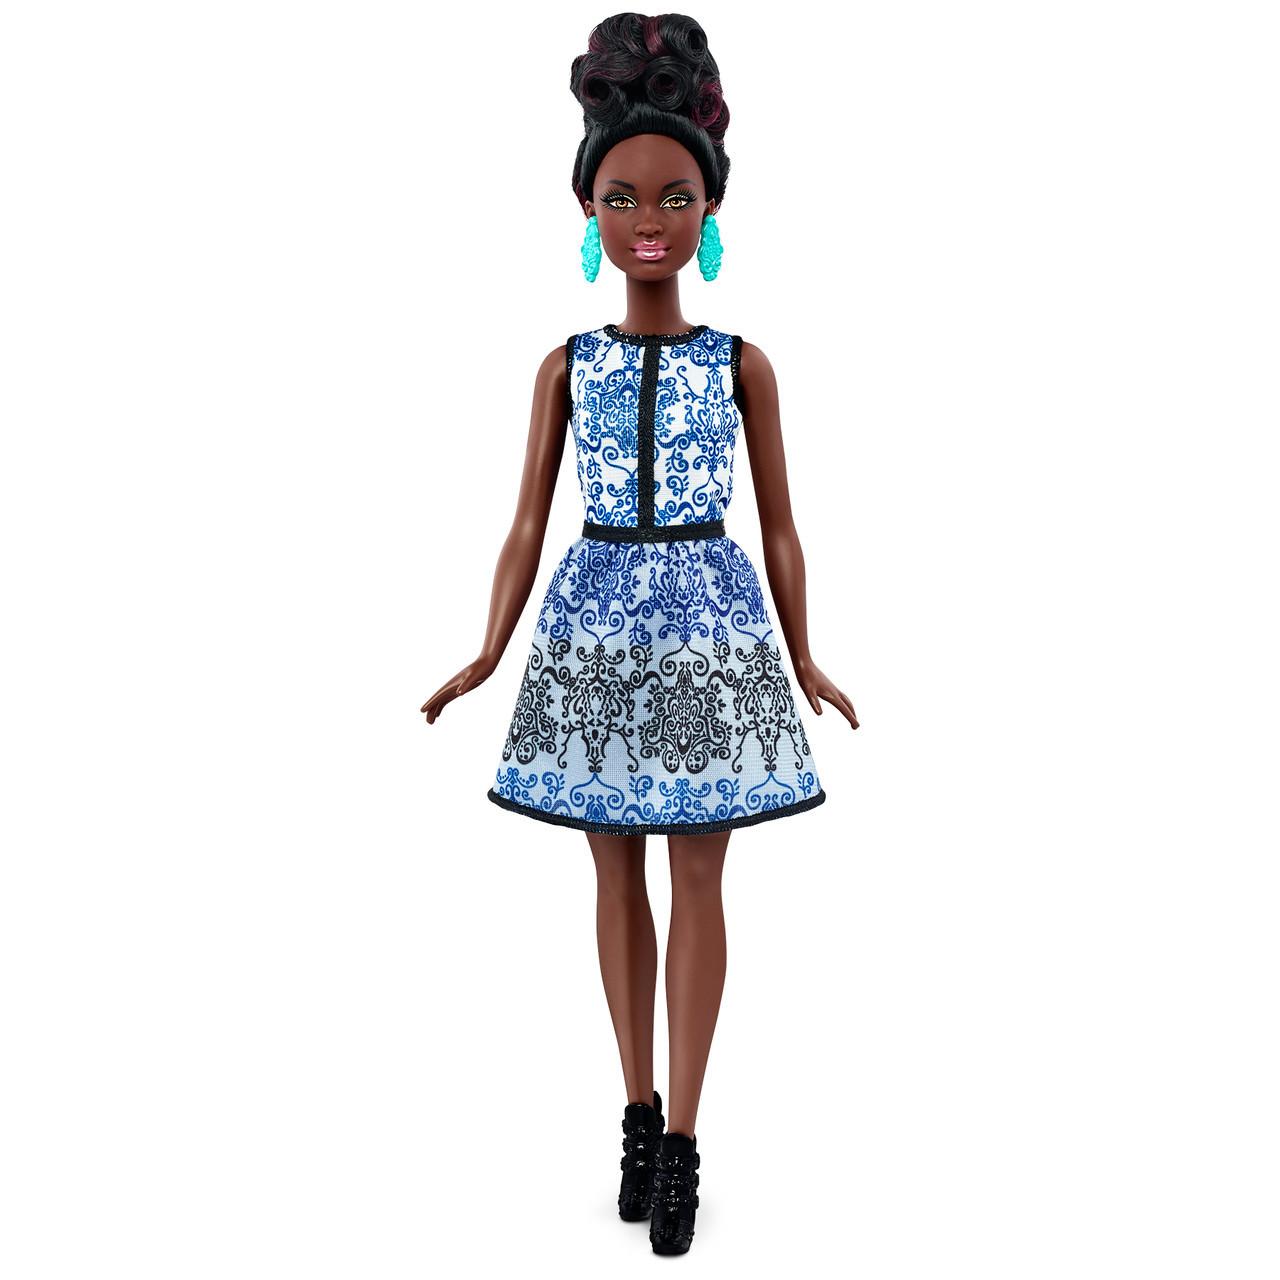 """Barbie """"Игра с модой"""" Кукла Барби - Афроамериканка, Blue Brocade #25 (Миниатюрная)"""